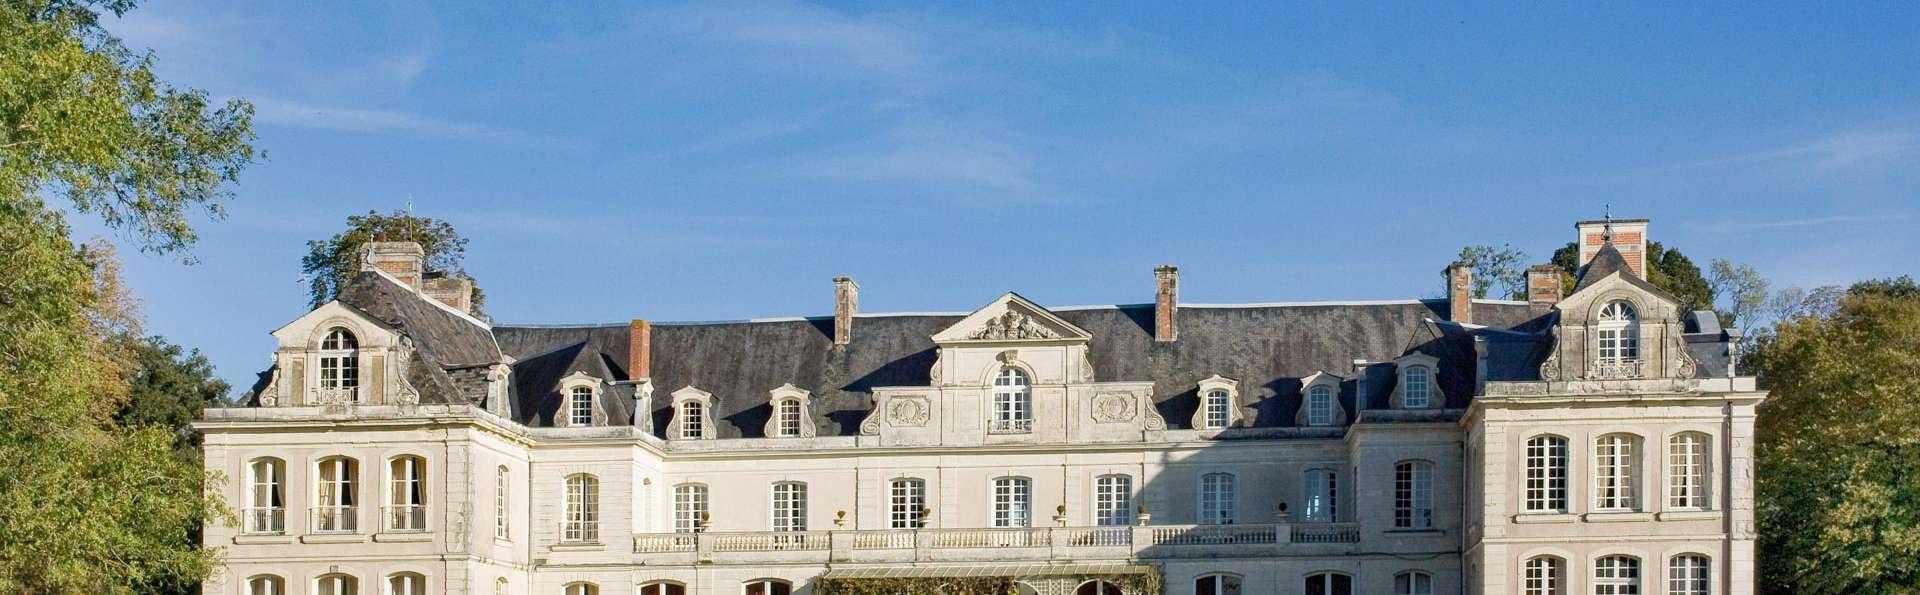 Château des Briottières  - EDIT_FRONT_01.jpg